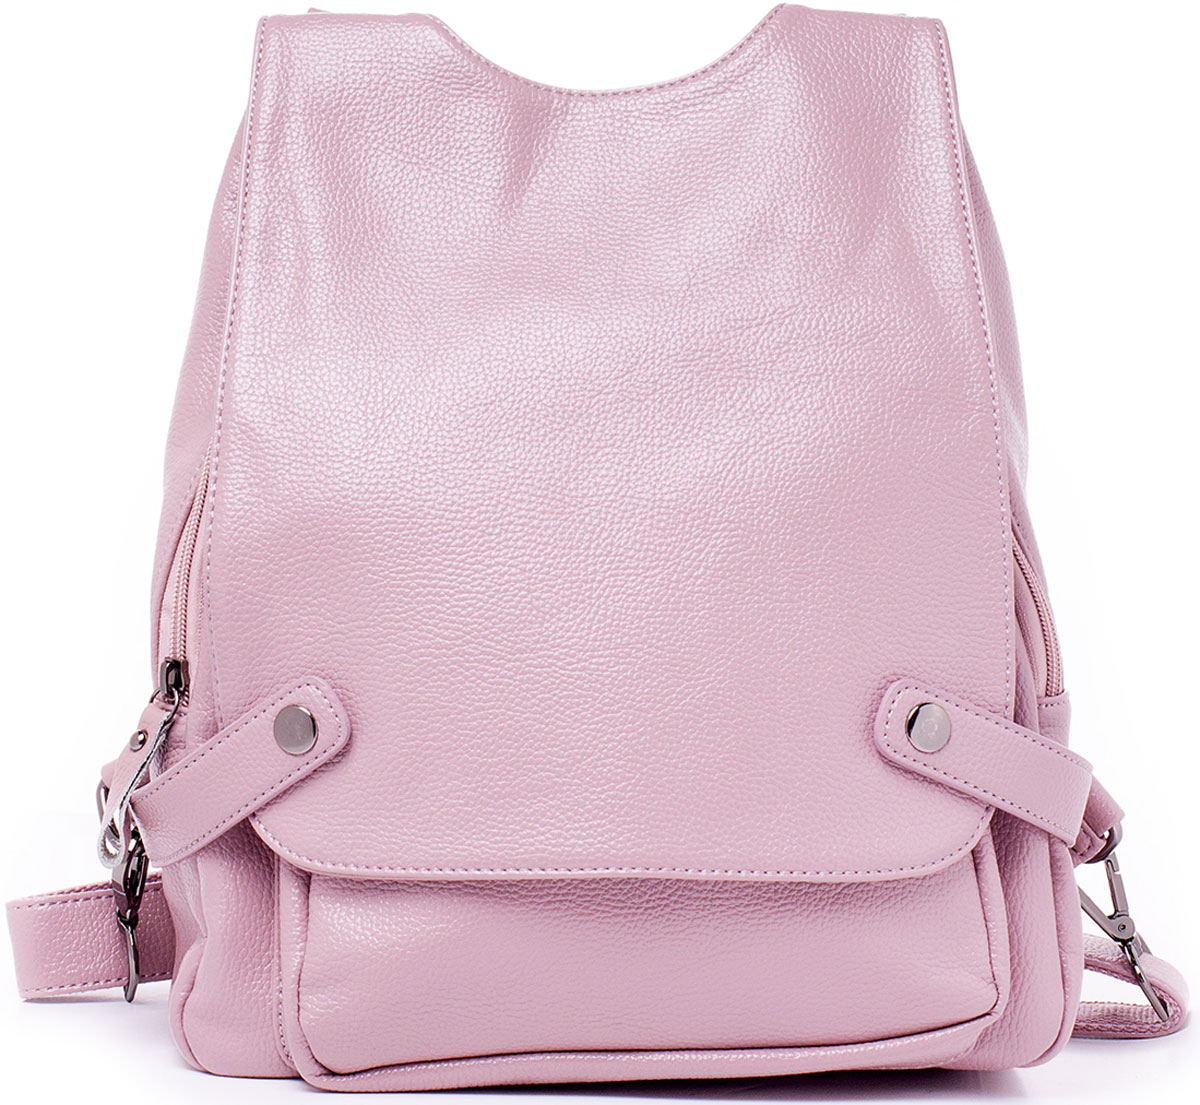 Рюкзак женский Baggini, цвет: розовый. 29850/63BM8434-58AEМногофункциональный рюкзак-трансформер Baggini обрадует вас своей практичностью и уникальностью. Рюкзак имеет две отстежные регулируемые наплечные лямки и одну отстежную ручку, все пристегивается и отстегивается на удобных карабинах. Благодаря этому, по вашему желанию, рюкзак может превращаться в сумку. Все передние карманы и отделения рюкзака надежно защищены от нежелательного проникновения большой пристегивающейся на кнопки крышкой. Под крышкой находится один вместительный накладной наружный карман на магнитной кнопке и главное отделение на застежке-молнии. Внутри отделения имеются два накладных кармашка для телефона или мелочей, один прорезной карман на застежке-молнии, карман-разделитель, так же на молнии, и накладной карман за ним. Снаружи рюкзака так же имеется один вертикальный прорезной карман на застежке-молнии, он находится на спинке изделия. Изделие исполнено из высококачественной экокожи. Обе отстежные лямки и ручка прилагаются.